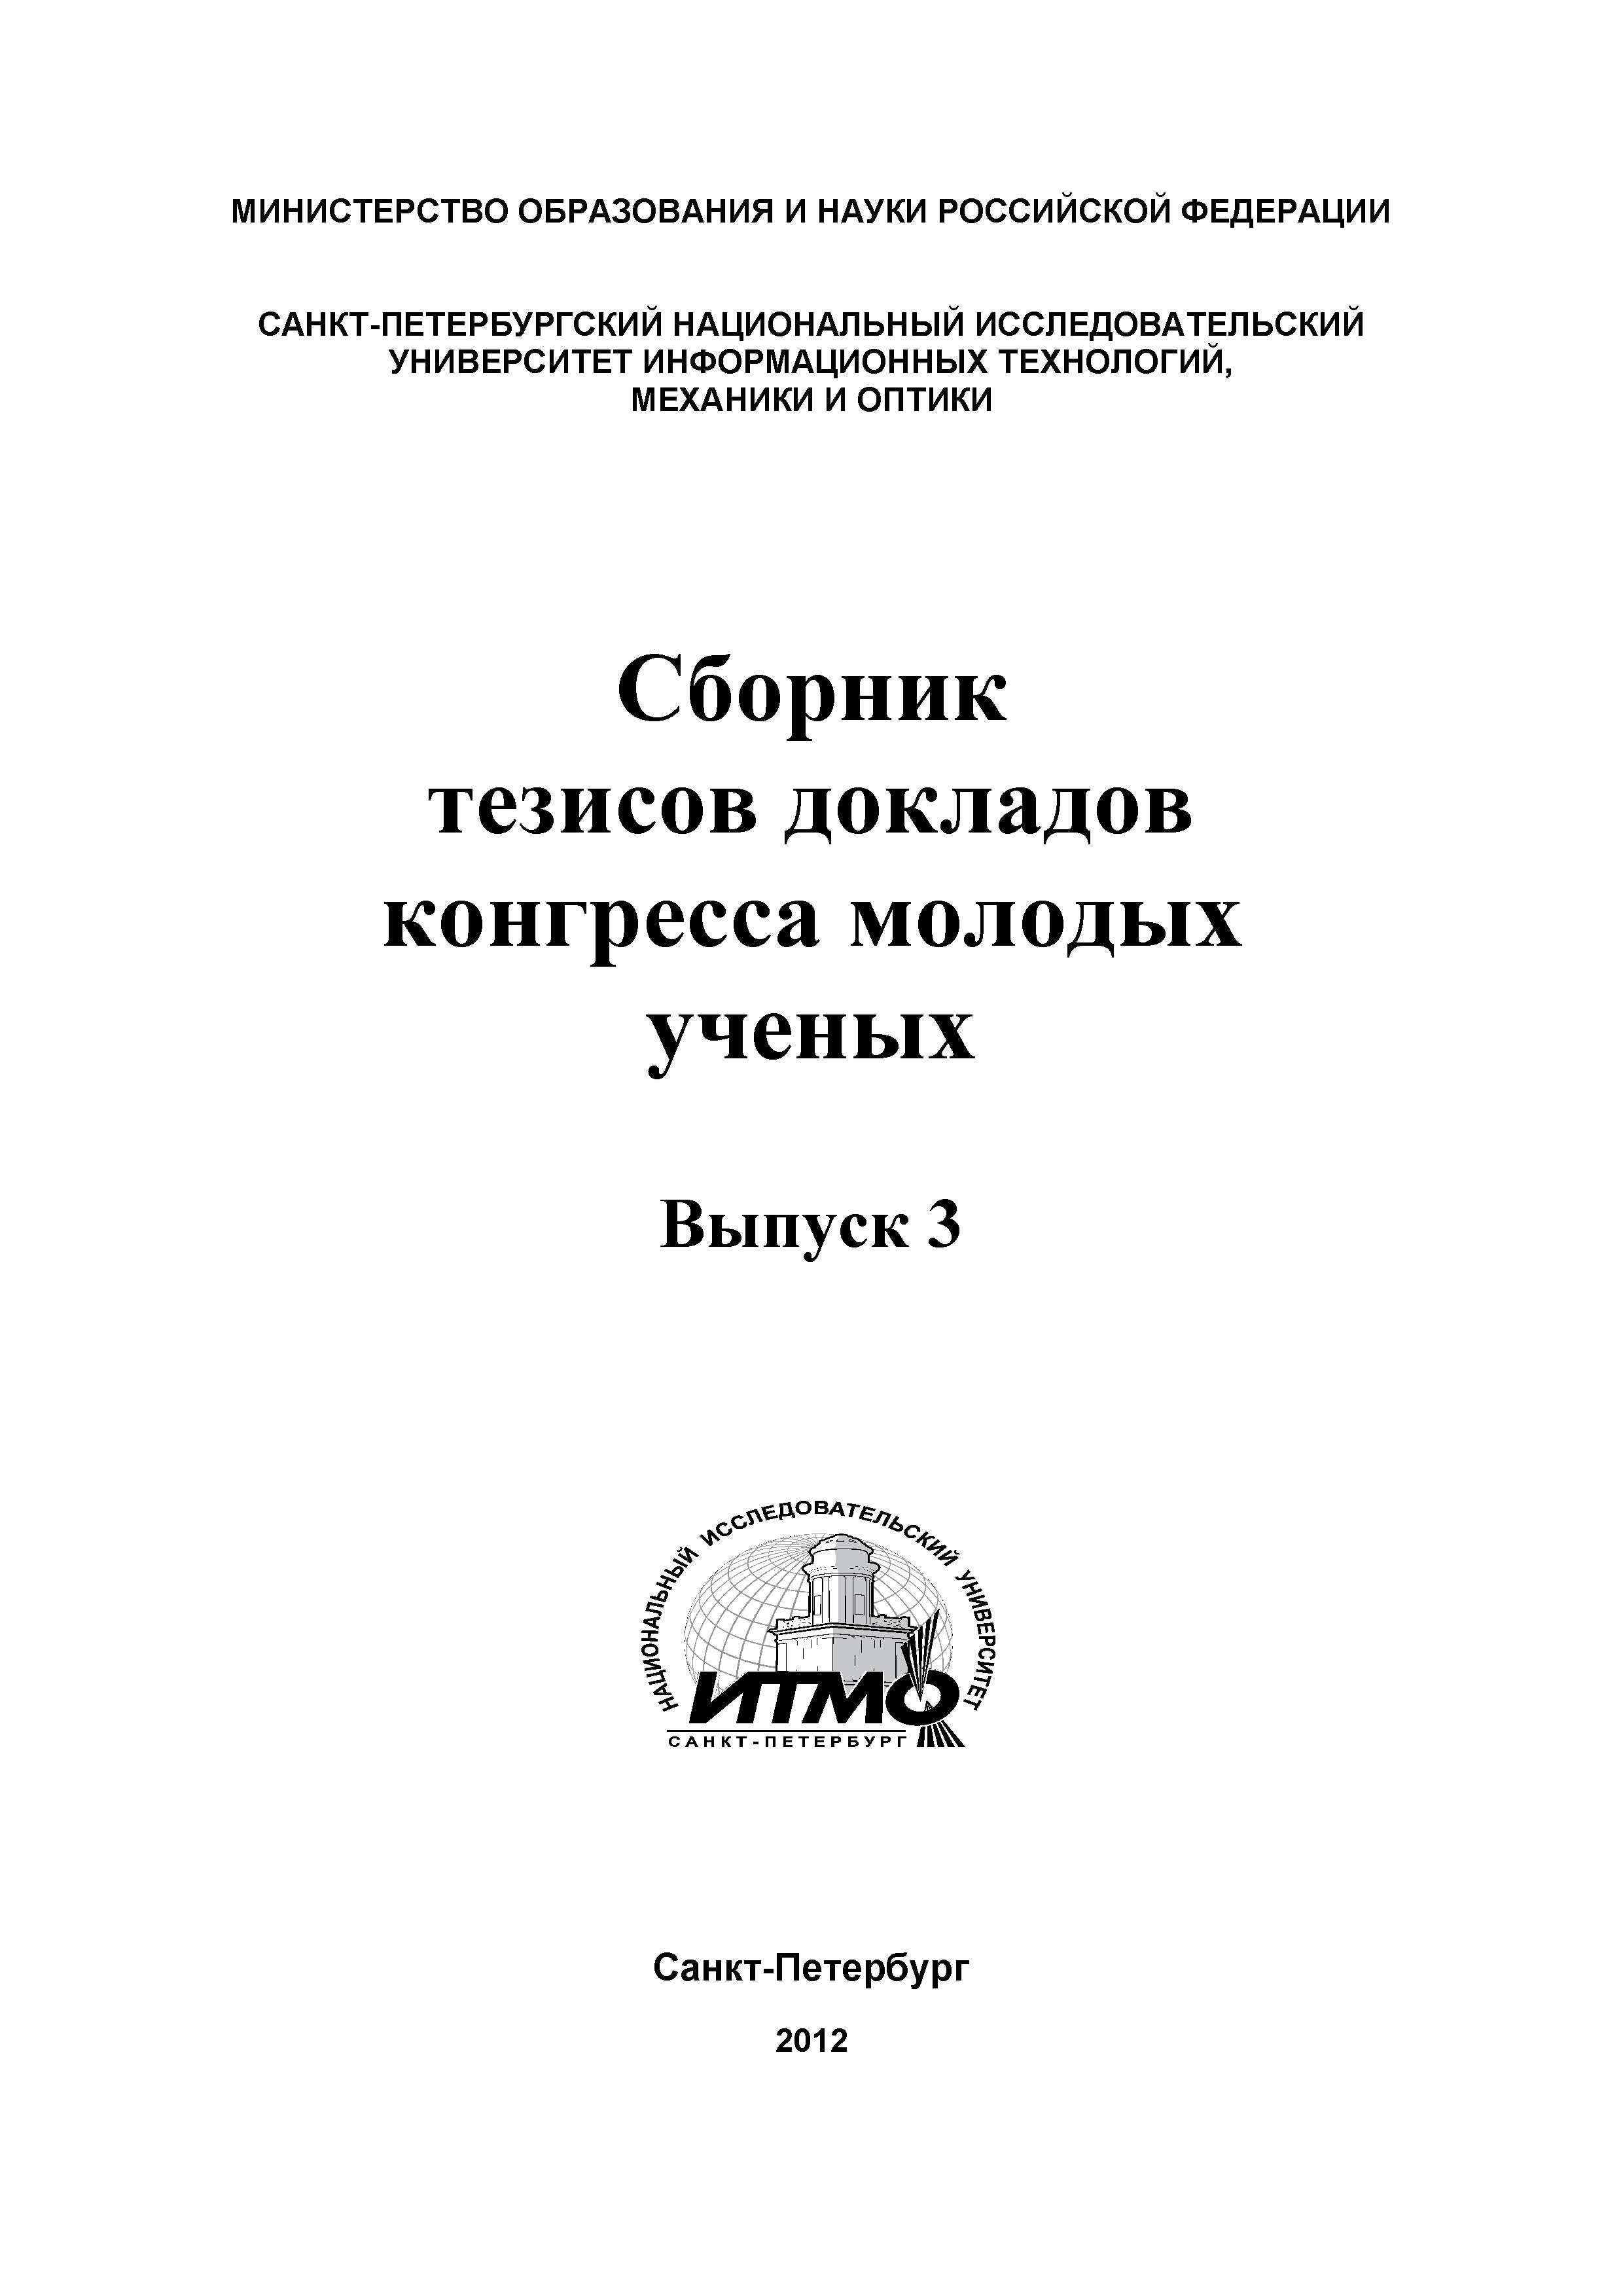 Управление активами негосударственного пенсионного фонда с учетом обязательств по пенсионным выплатам